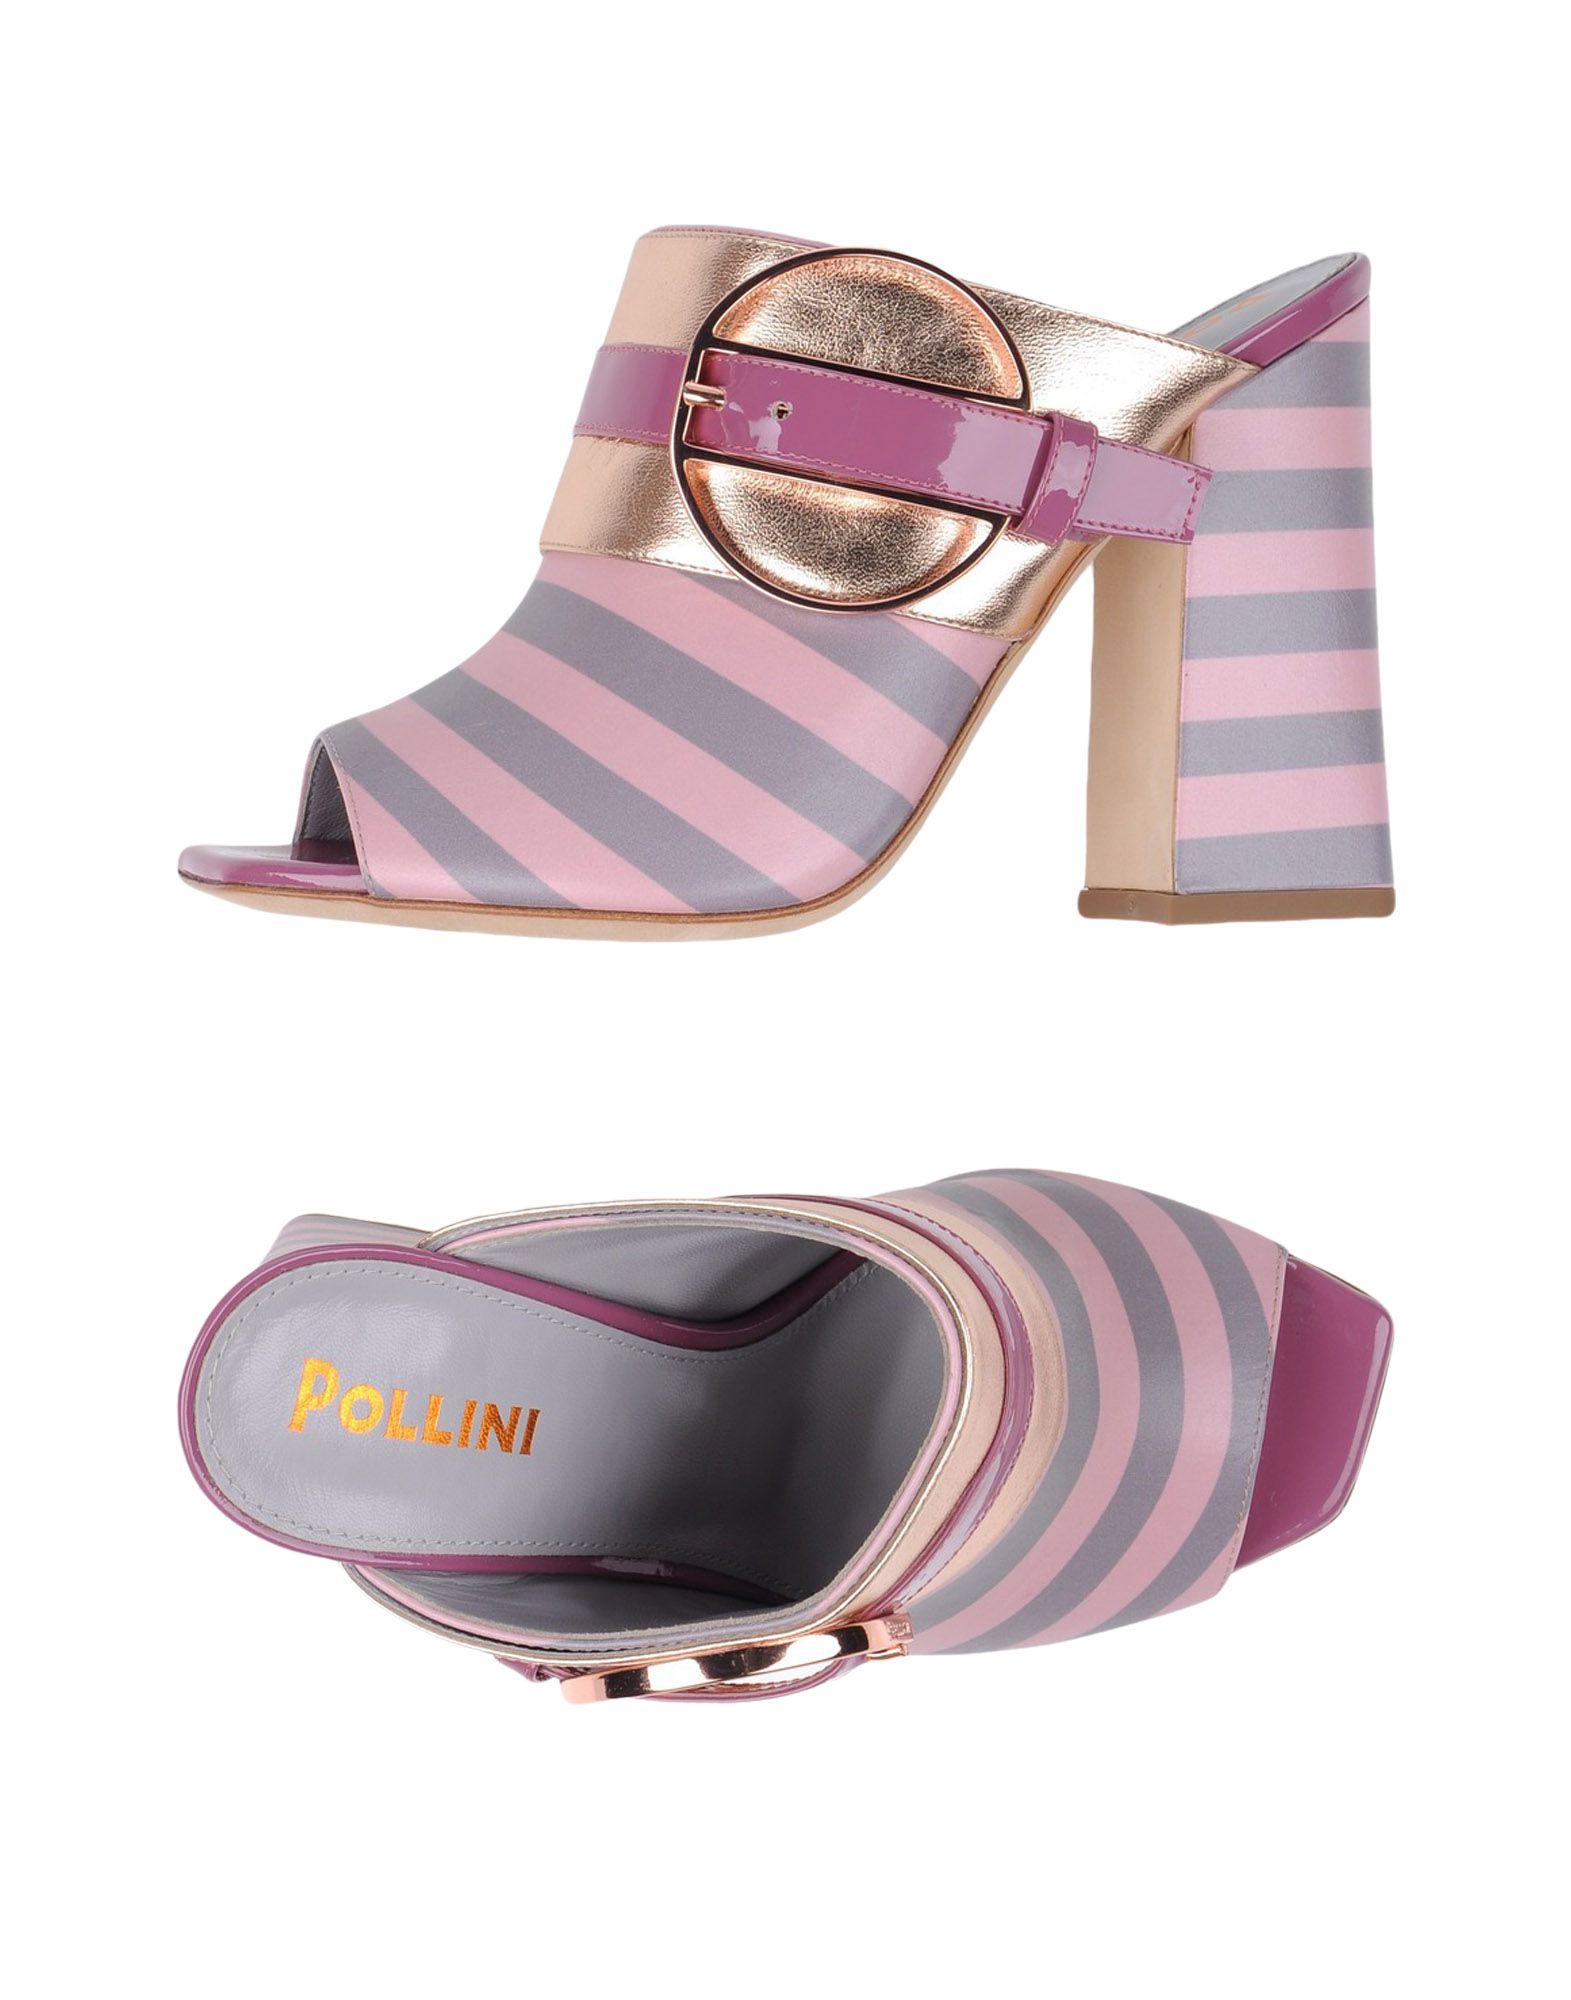 Sandali Pollini Donna - Acquista online su